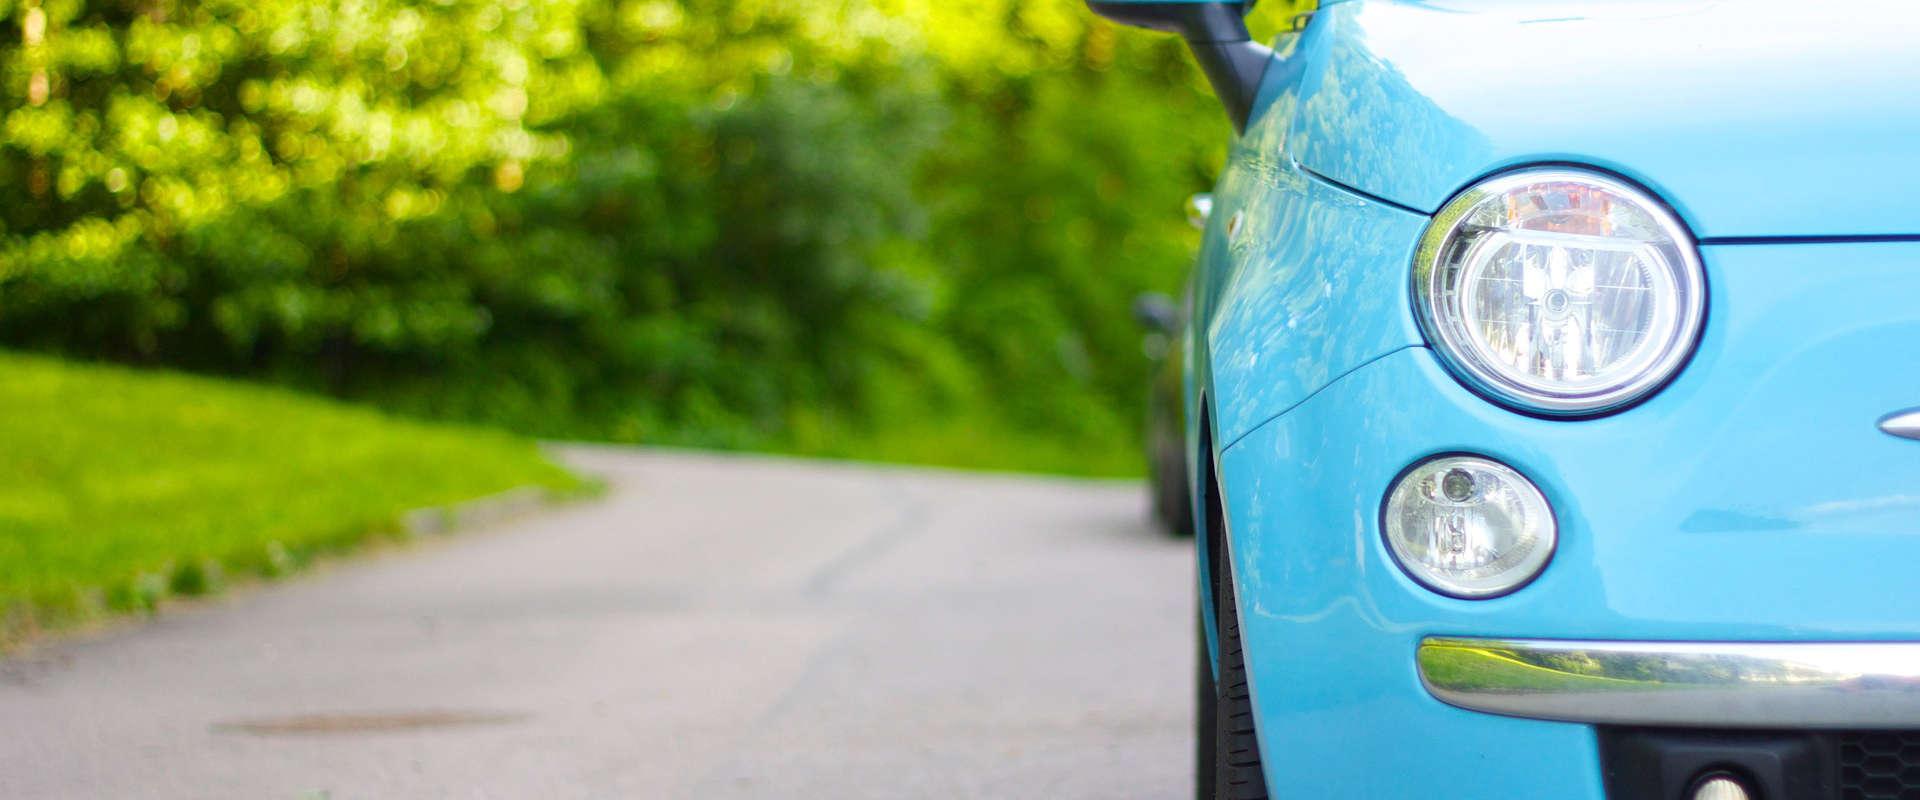 Achat d'une automobile neuve, prix et info